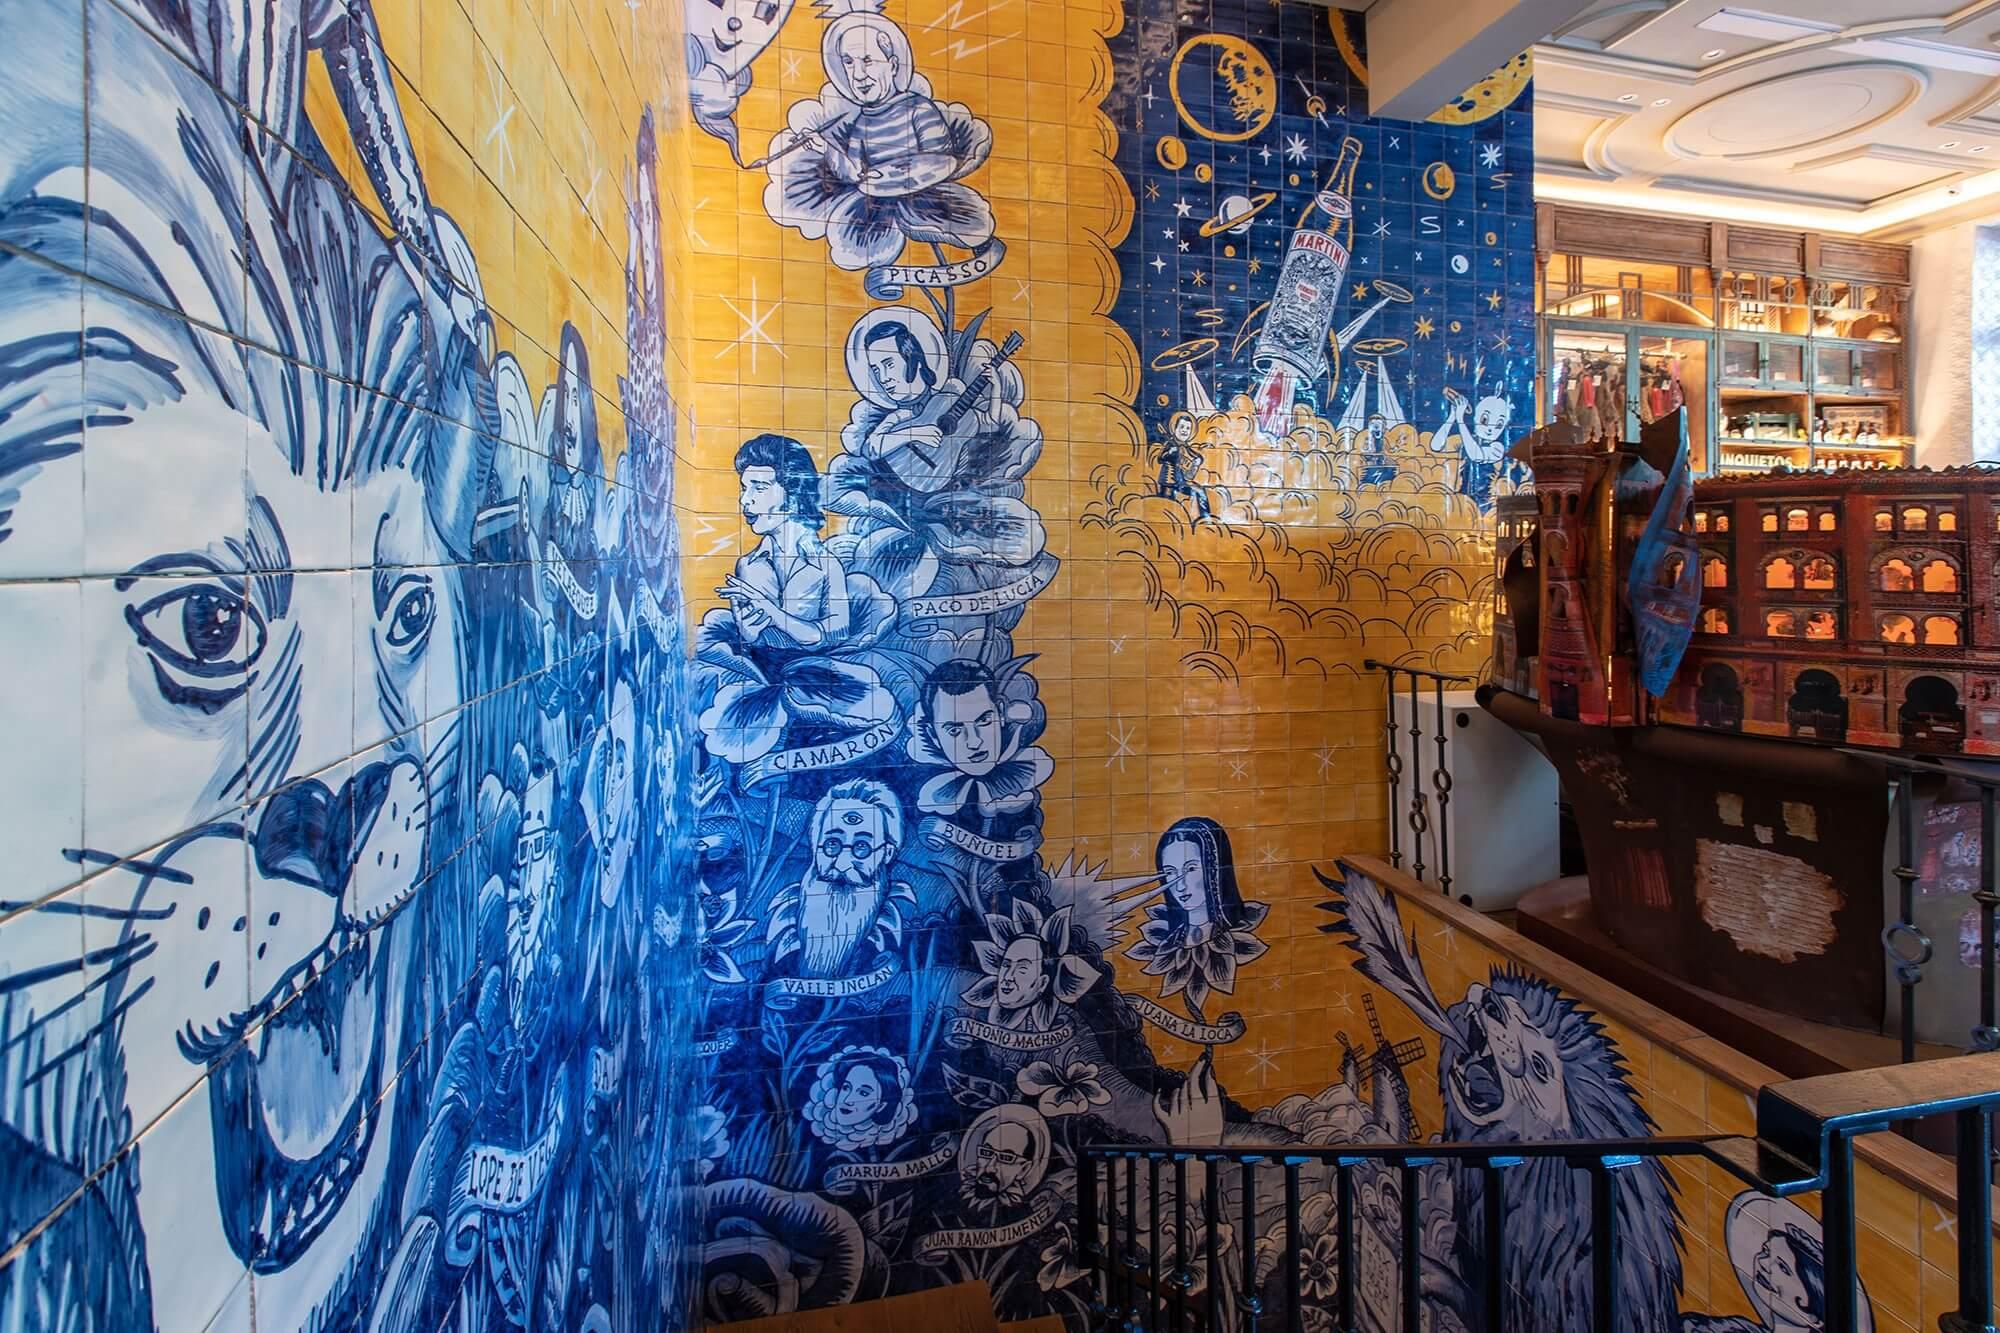 Especialistas en murales ceramicos - Azulejos Personalizados